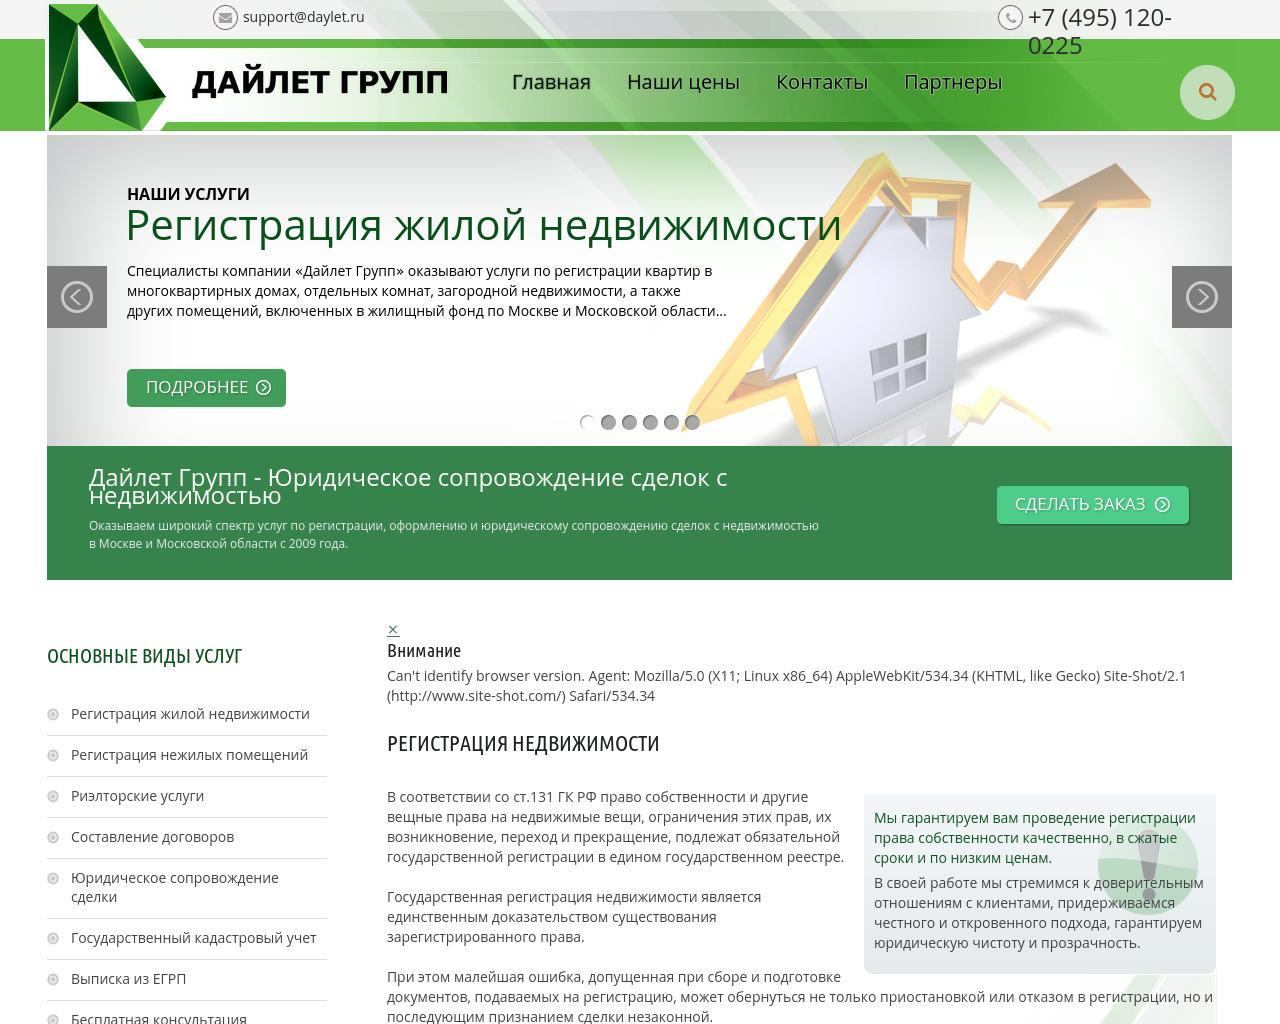 регистрация недвижимости в москве